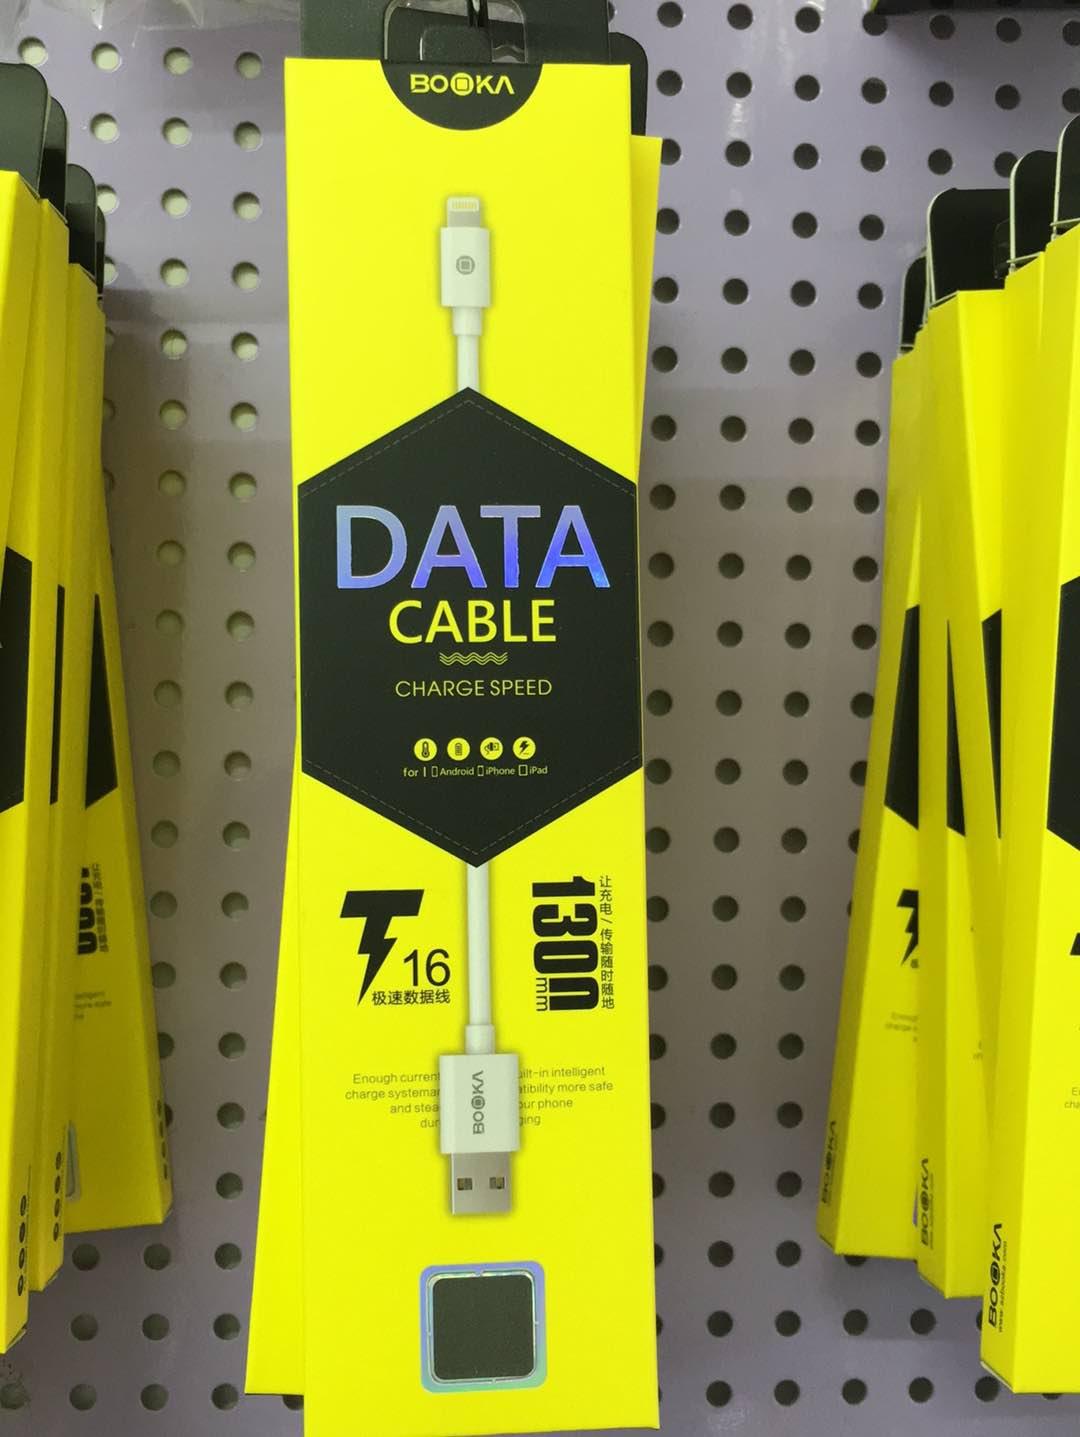 沈阳家庭维修 手机充电适配器,数据线  查看商家 天悦通讯 沈阳 企业